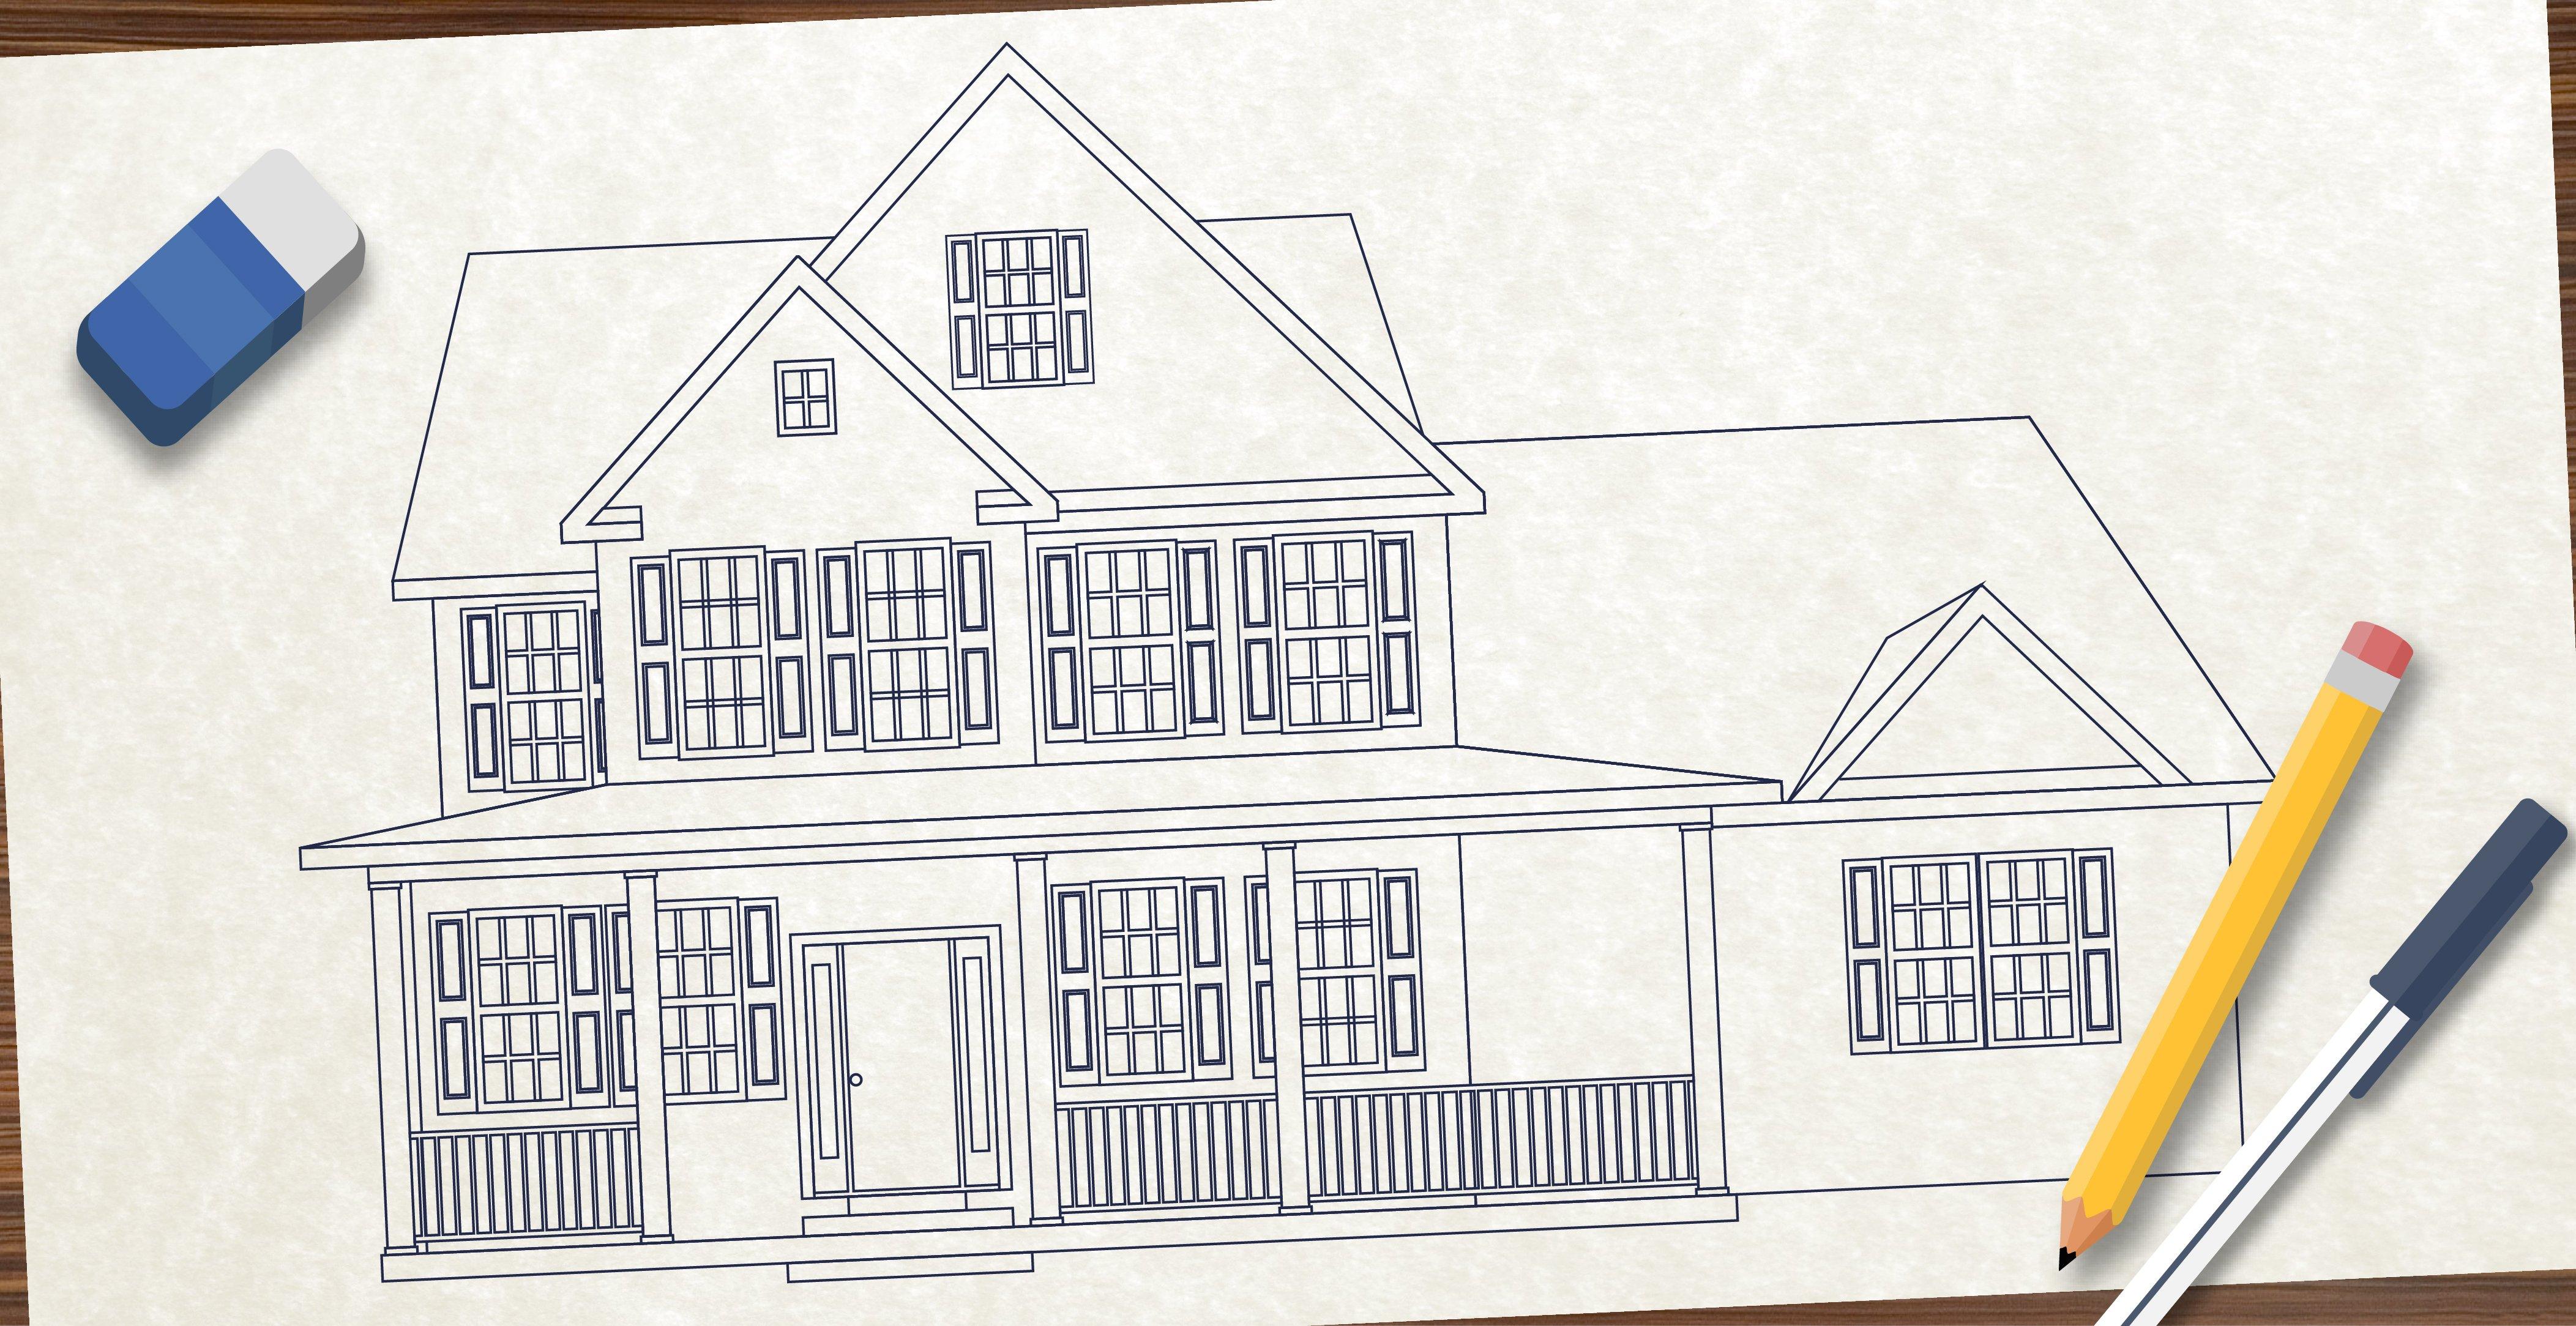 ออกแบบบ้าน บ้านชั้นเดียว บ้านสองชั้น คุณภาพ